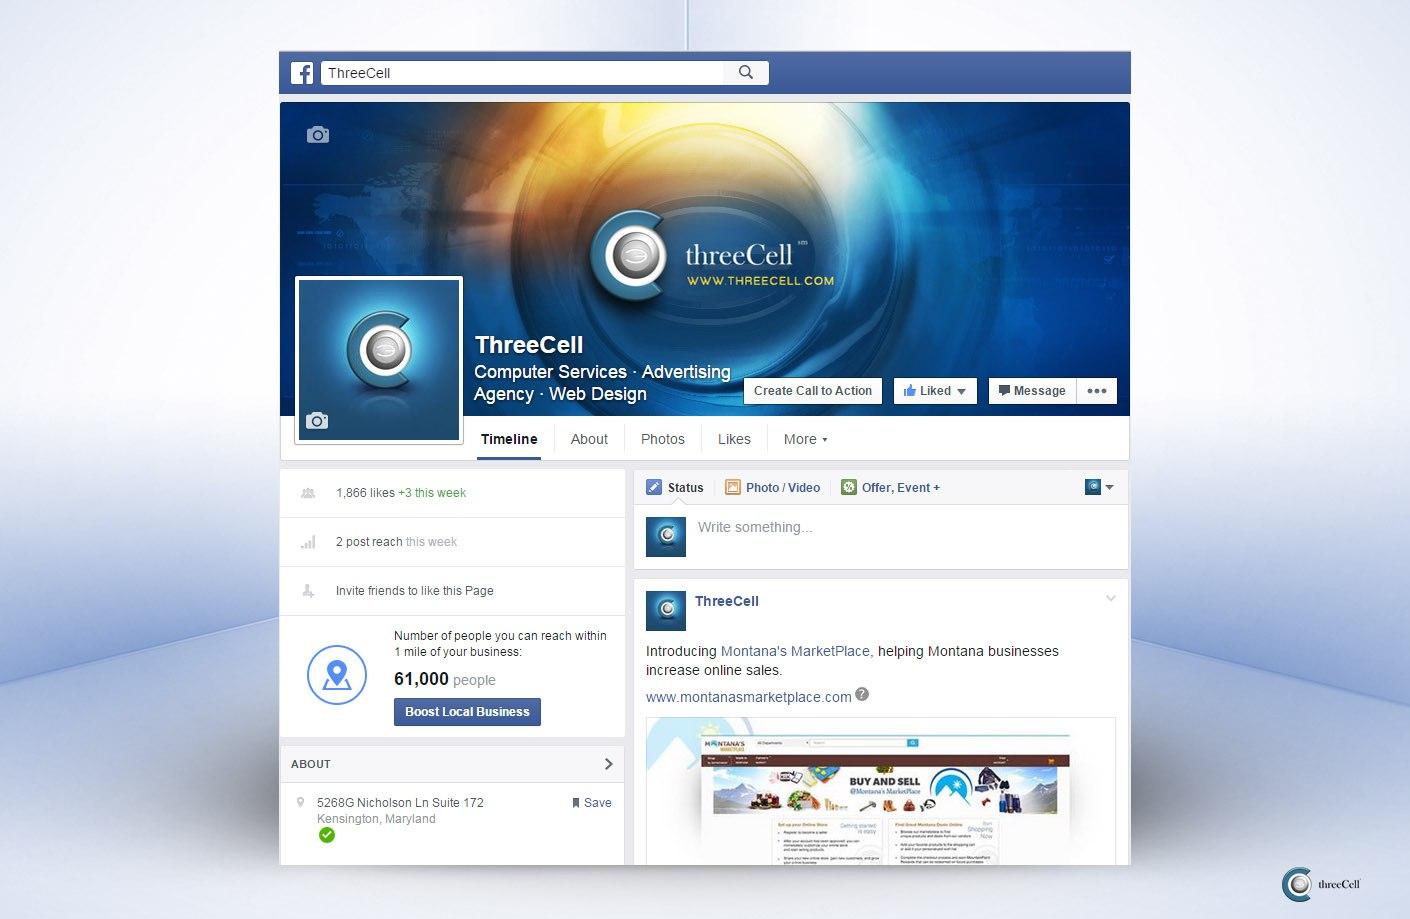 ThreeCell - Facebook Social Media Design